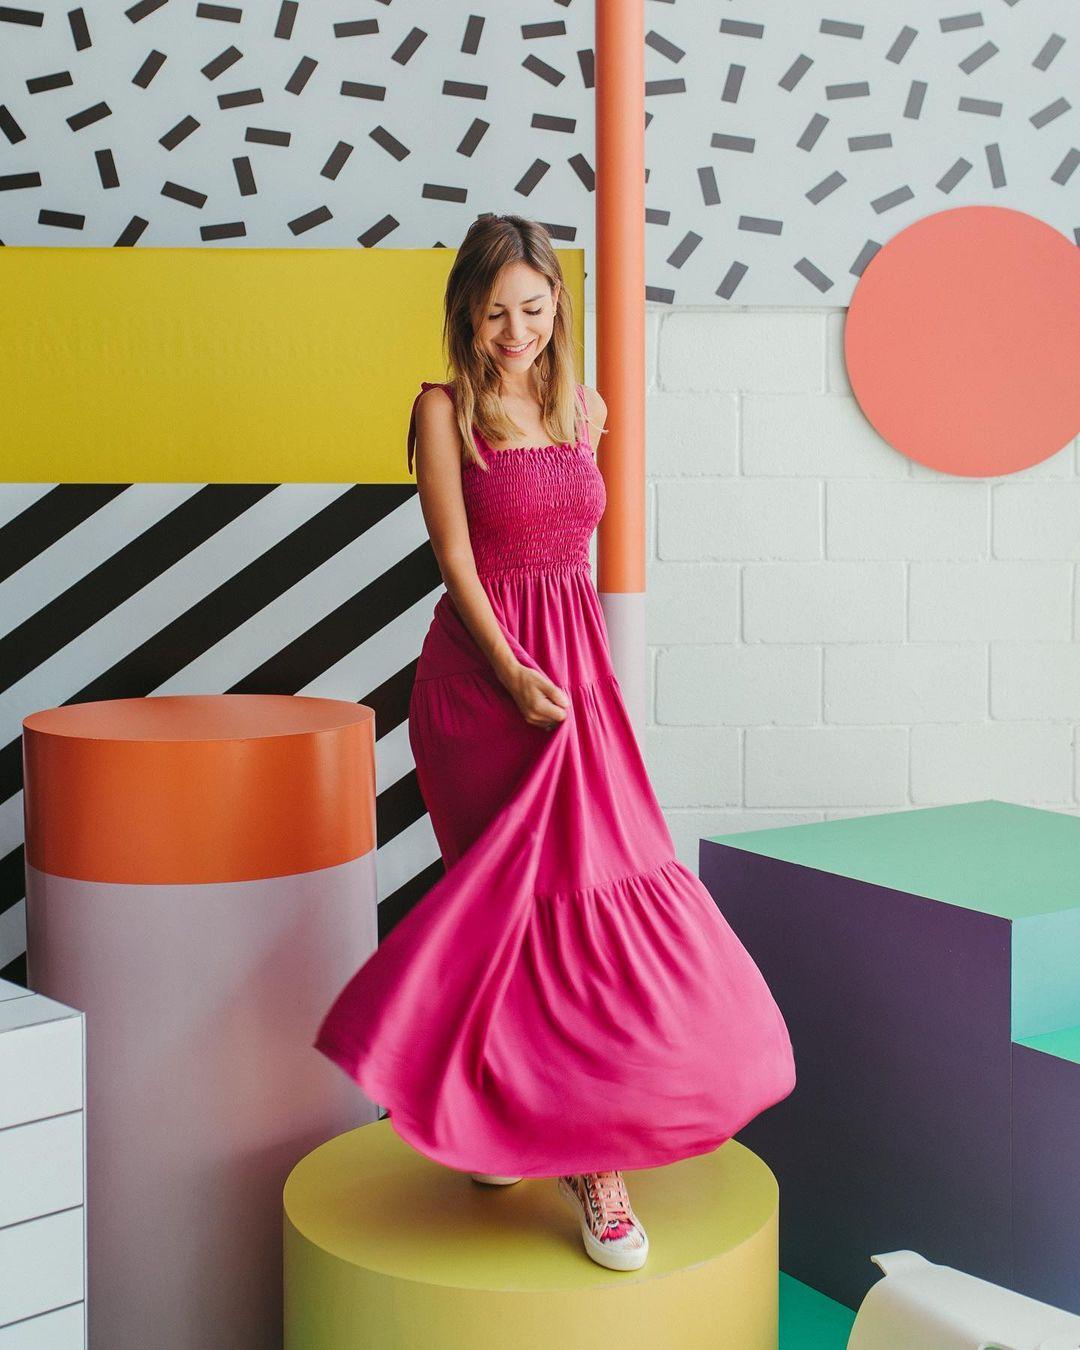 1612584562 934 echa un vistazo a las opciones para comprar y 30 - 40 modelos de vestidos rosas para un look que no pasa desapercibido